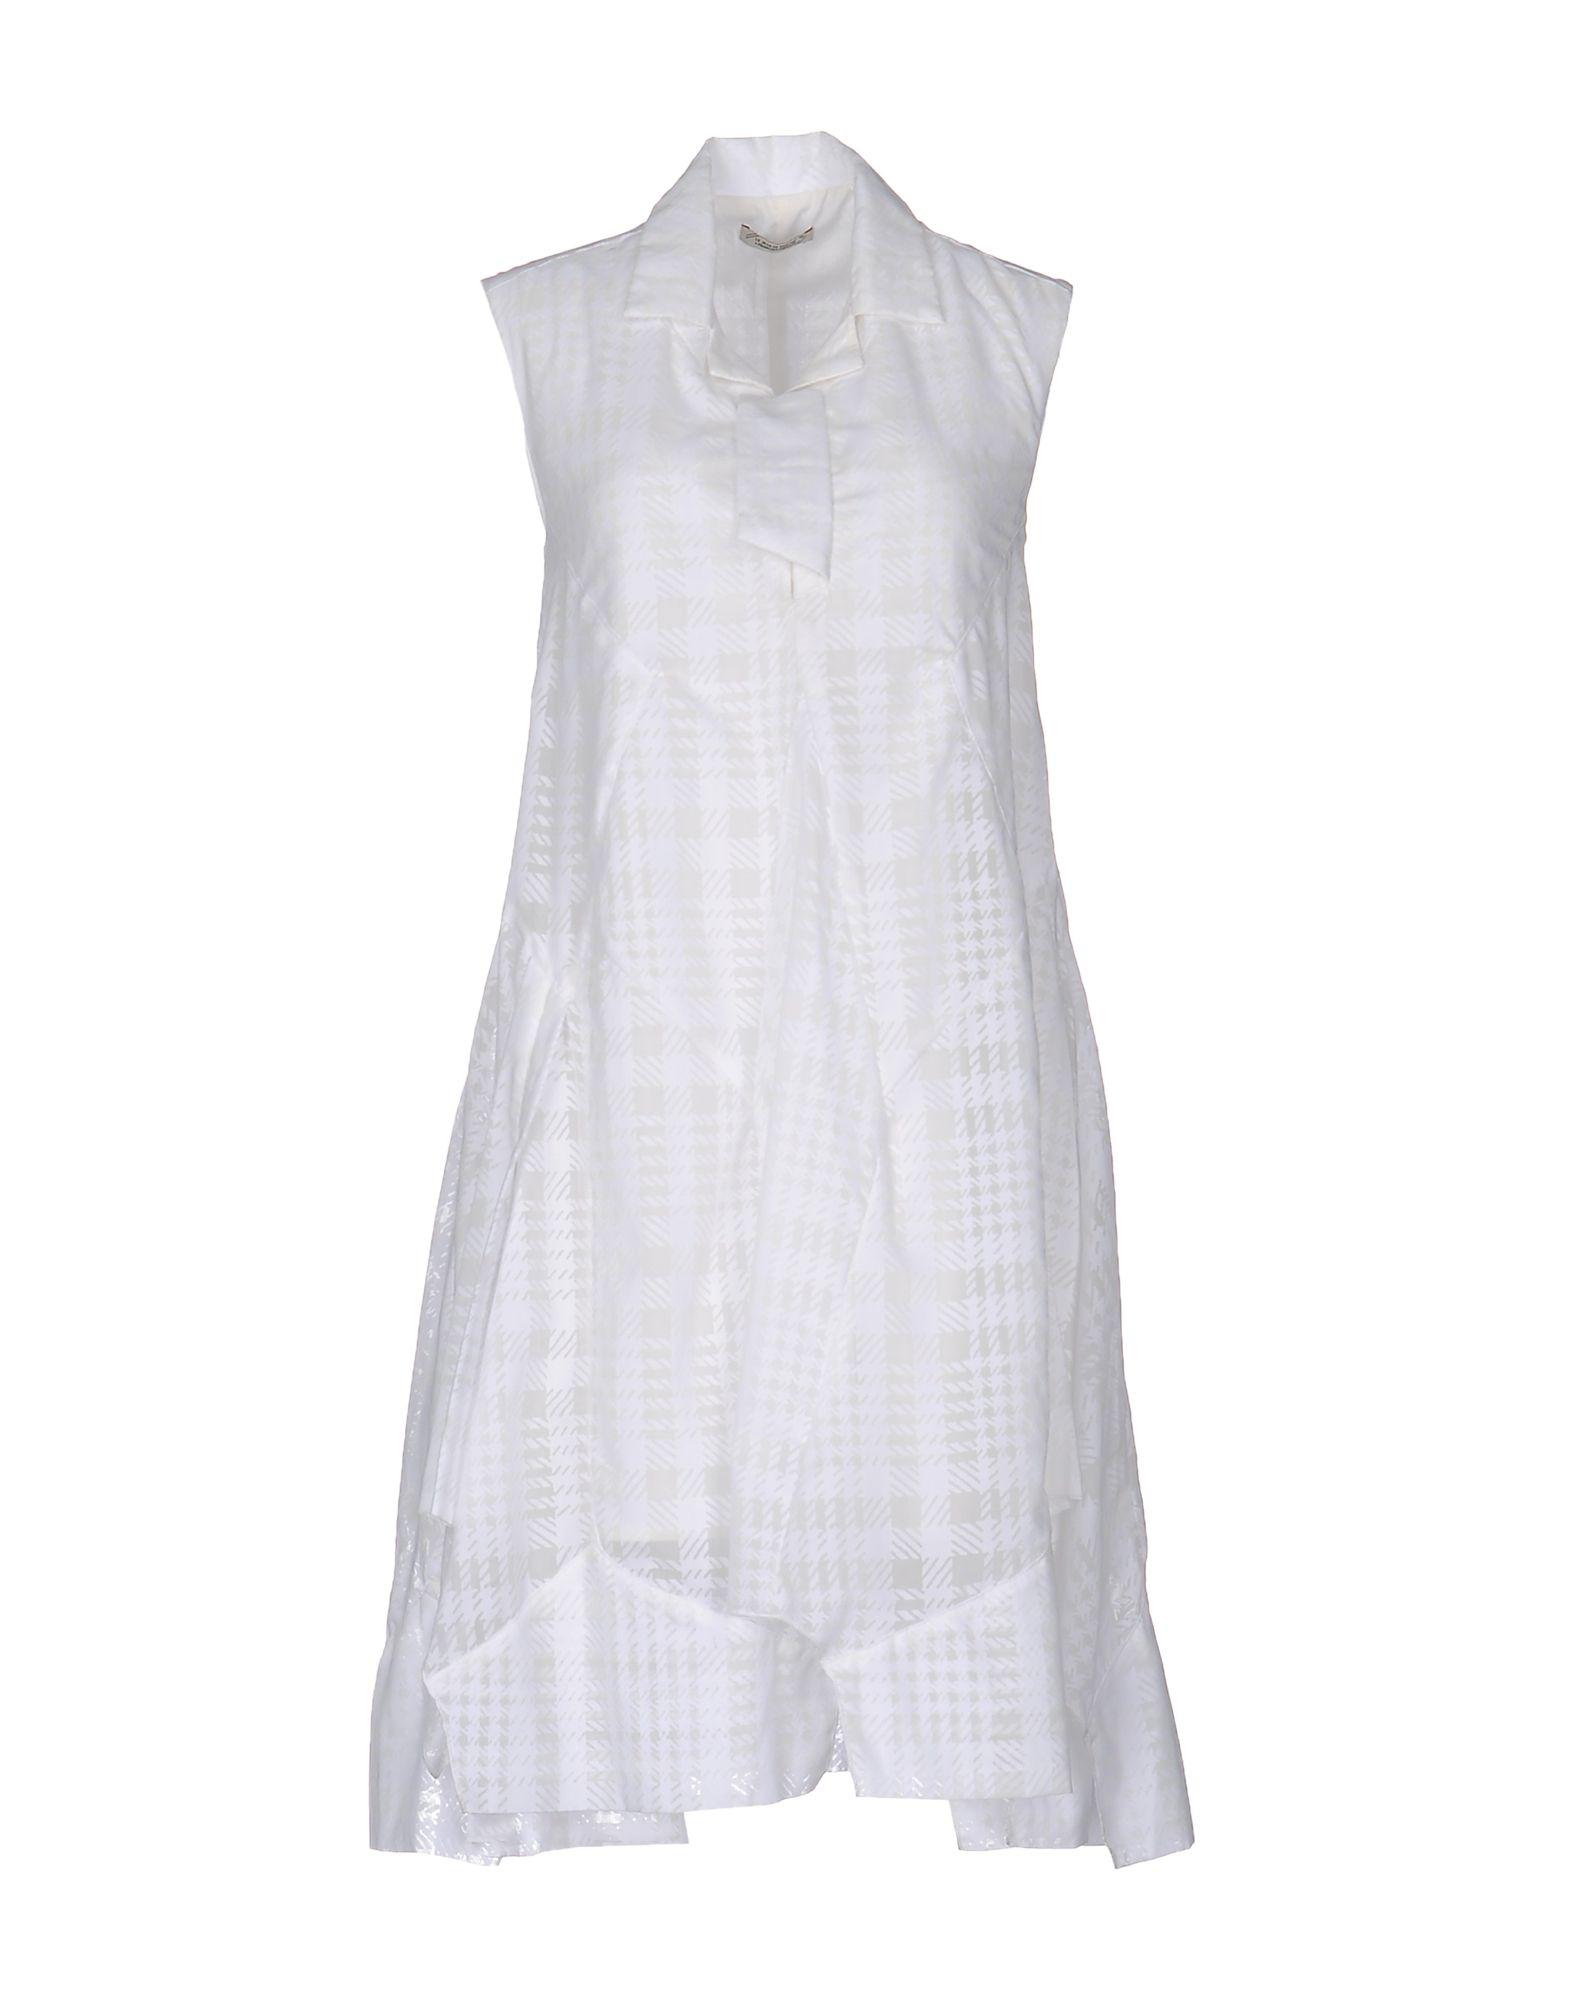 LE JEAN DE MARITHÉ + FRANÇOIS GIRBAUD Короткое платье le jean de marithé françois girbaud джинсовая юбка